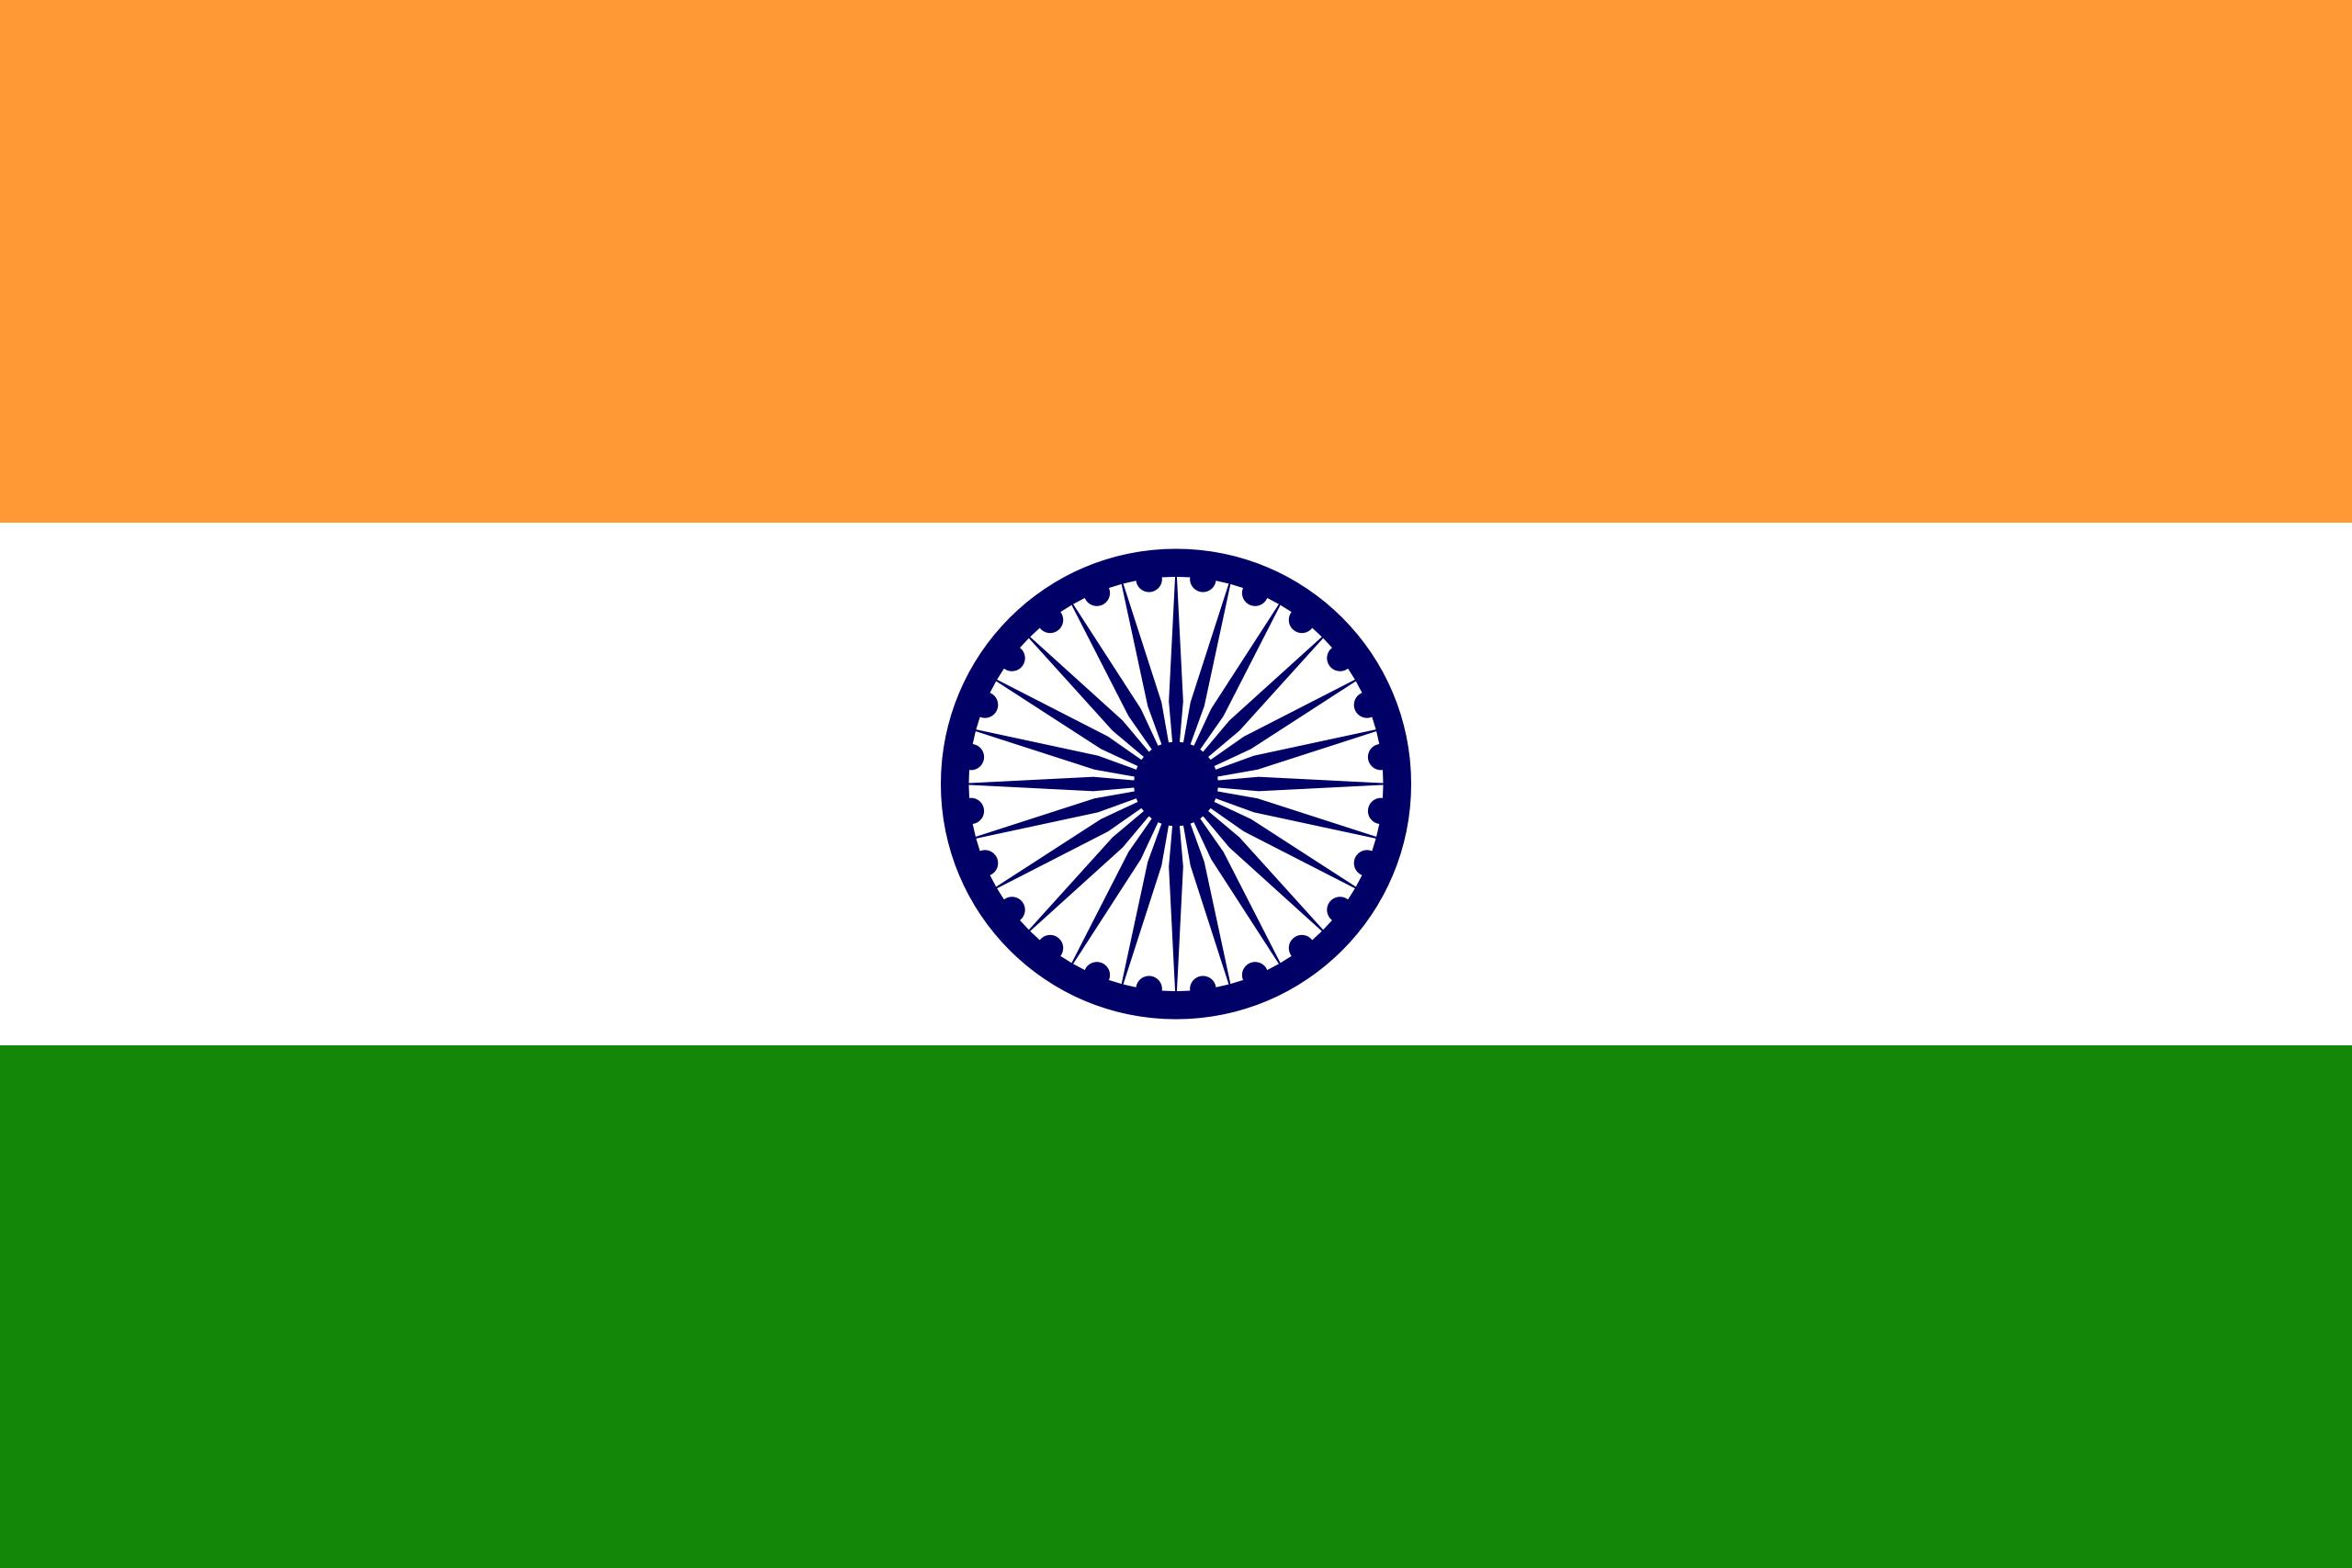 هند لست سکند